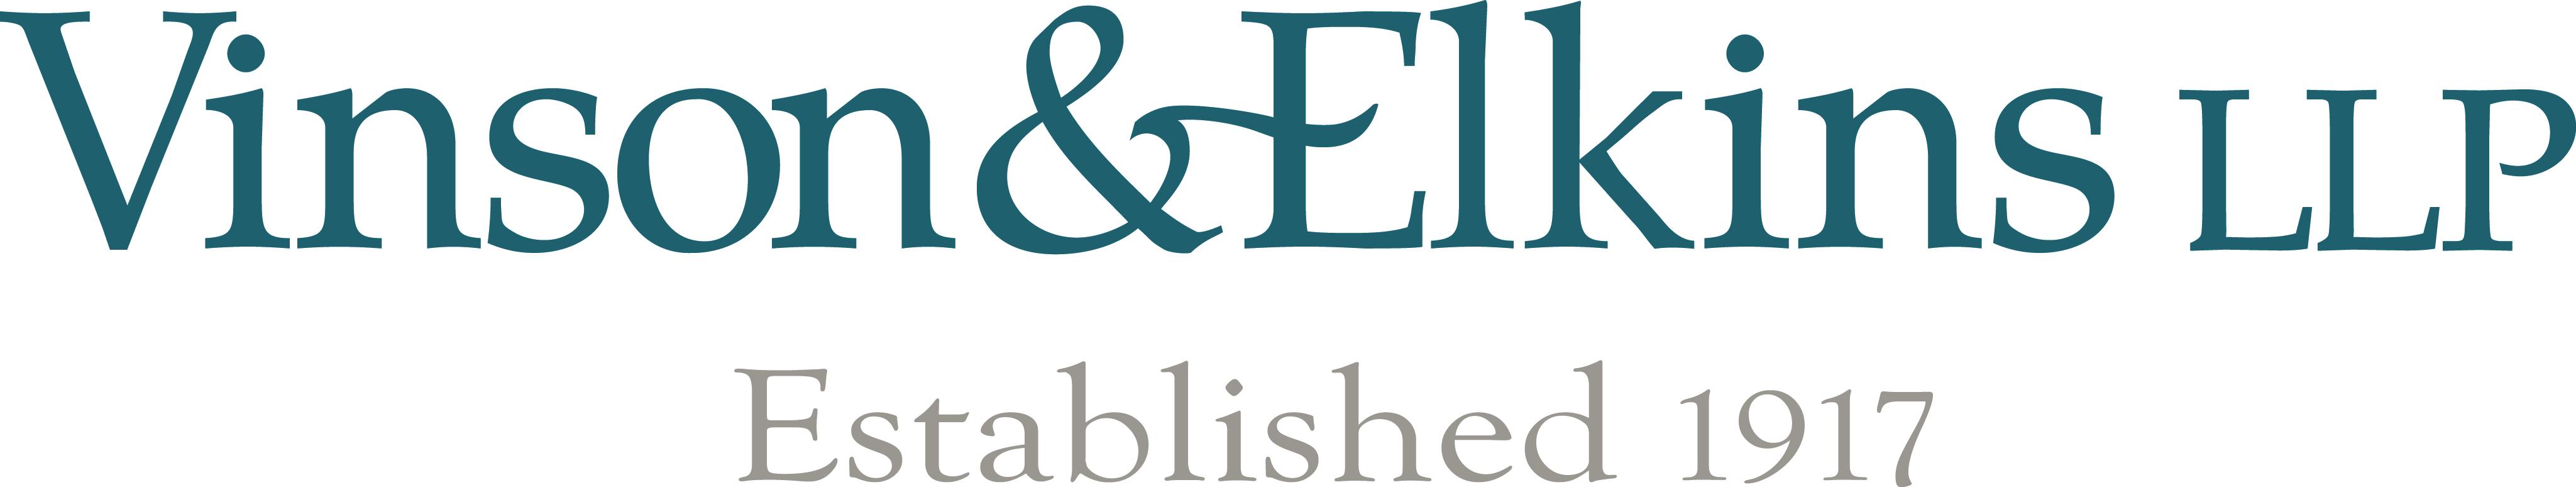 Vinson & Elkins LLP 100 Yr Logo_Blue&Grey_F